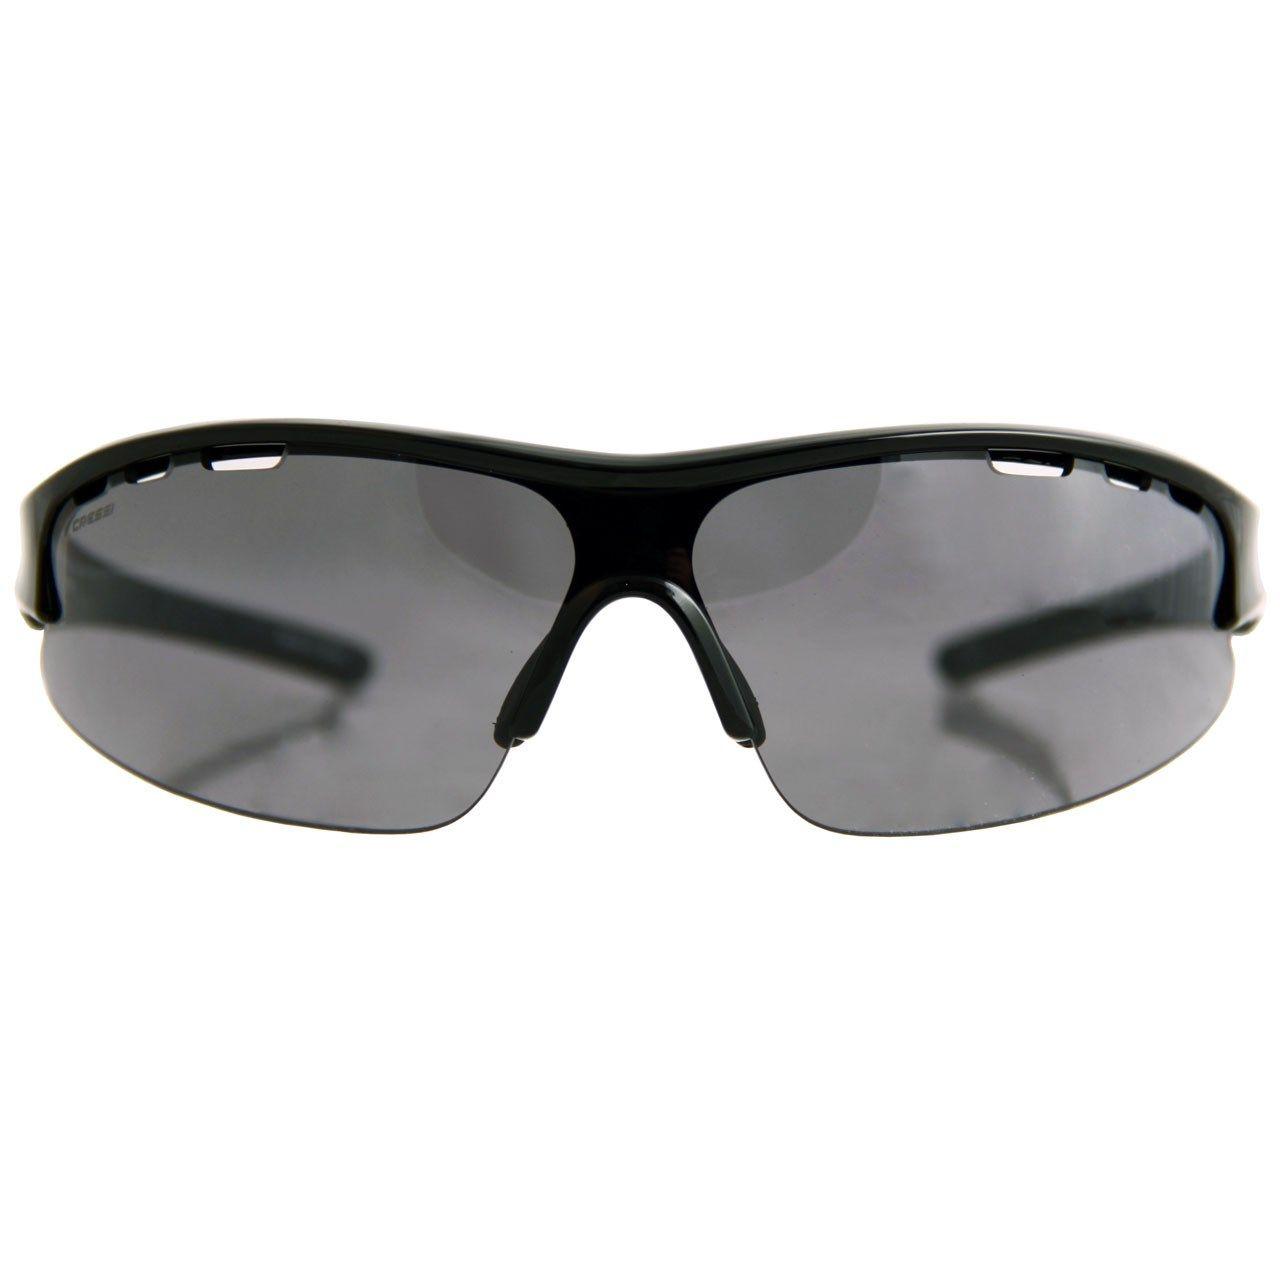 عینک آفتابی ساحلی کرسی مدل VENTO -  - 1